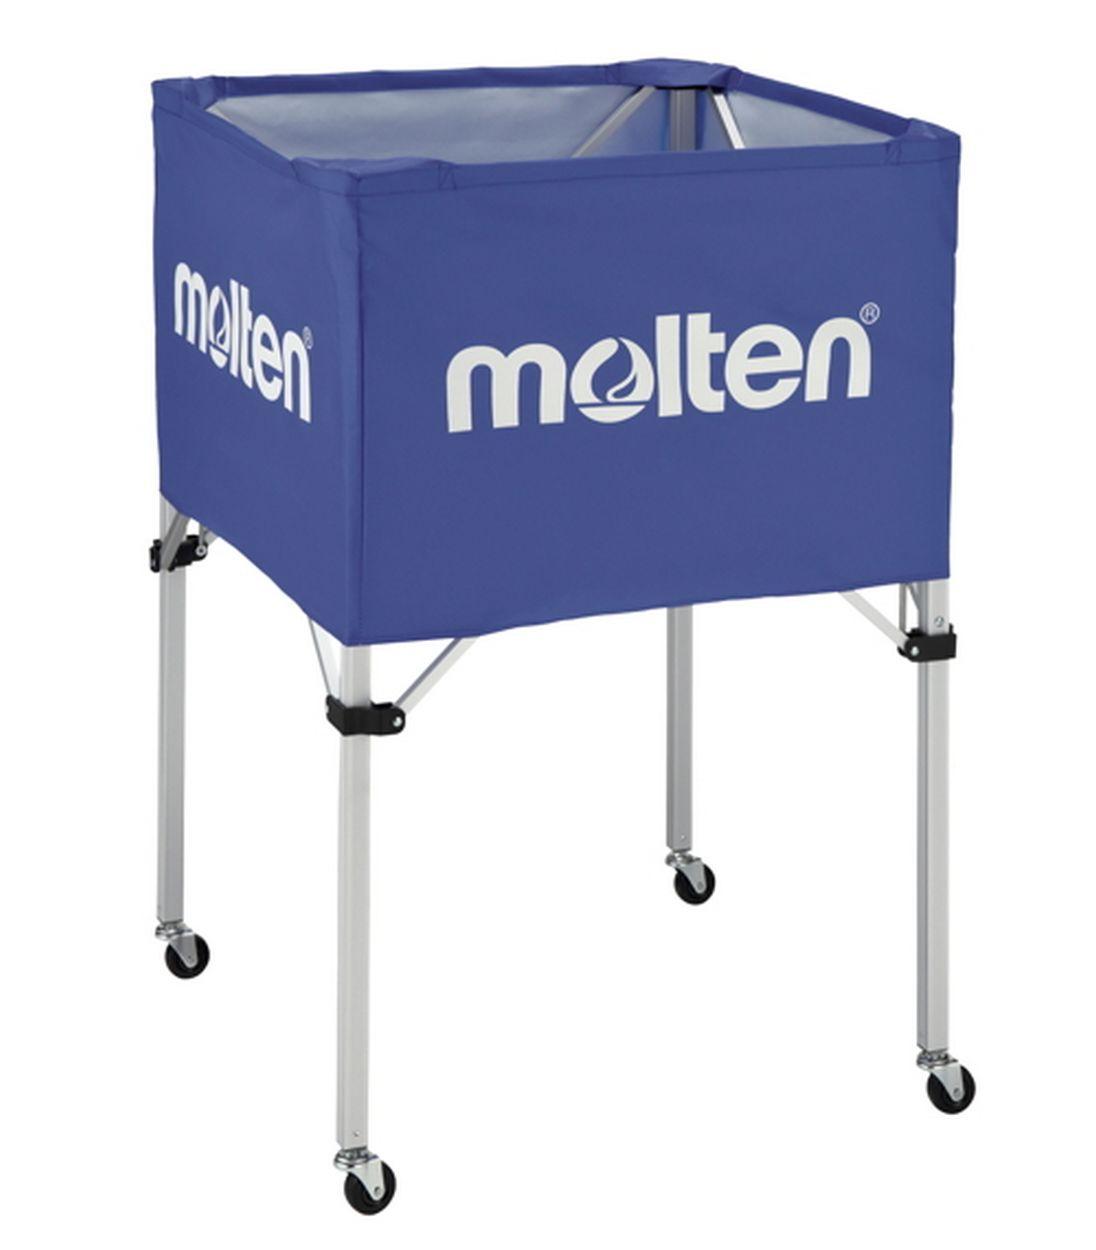 MOLTEN_M_MAC-BK0012-B_chariot_ballons_equipe